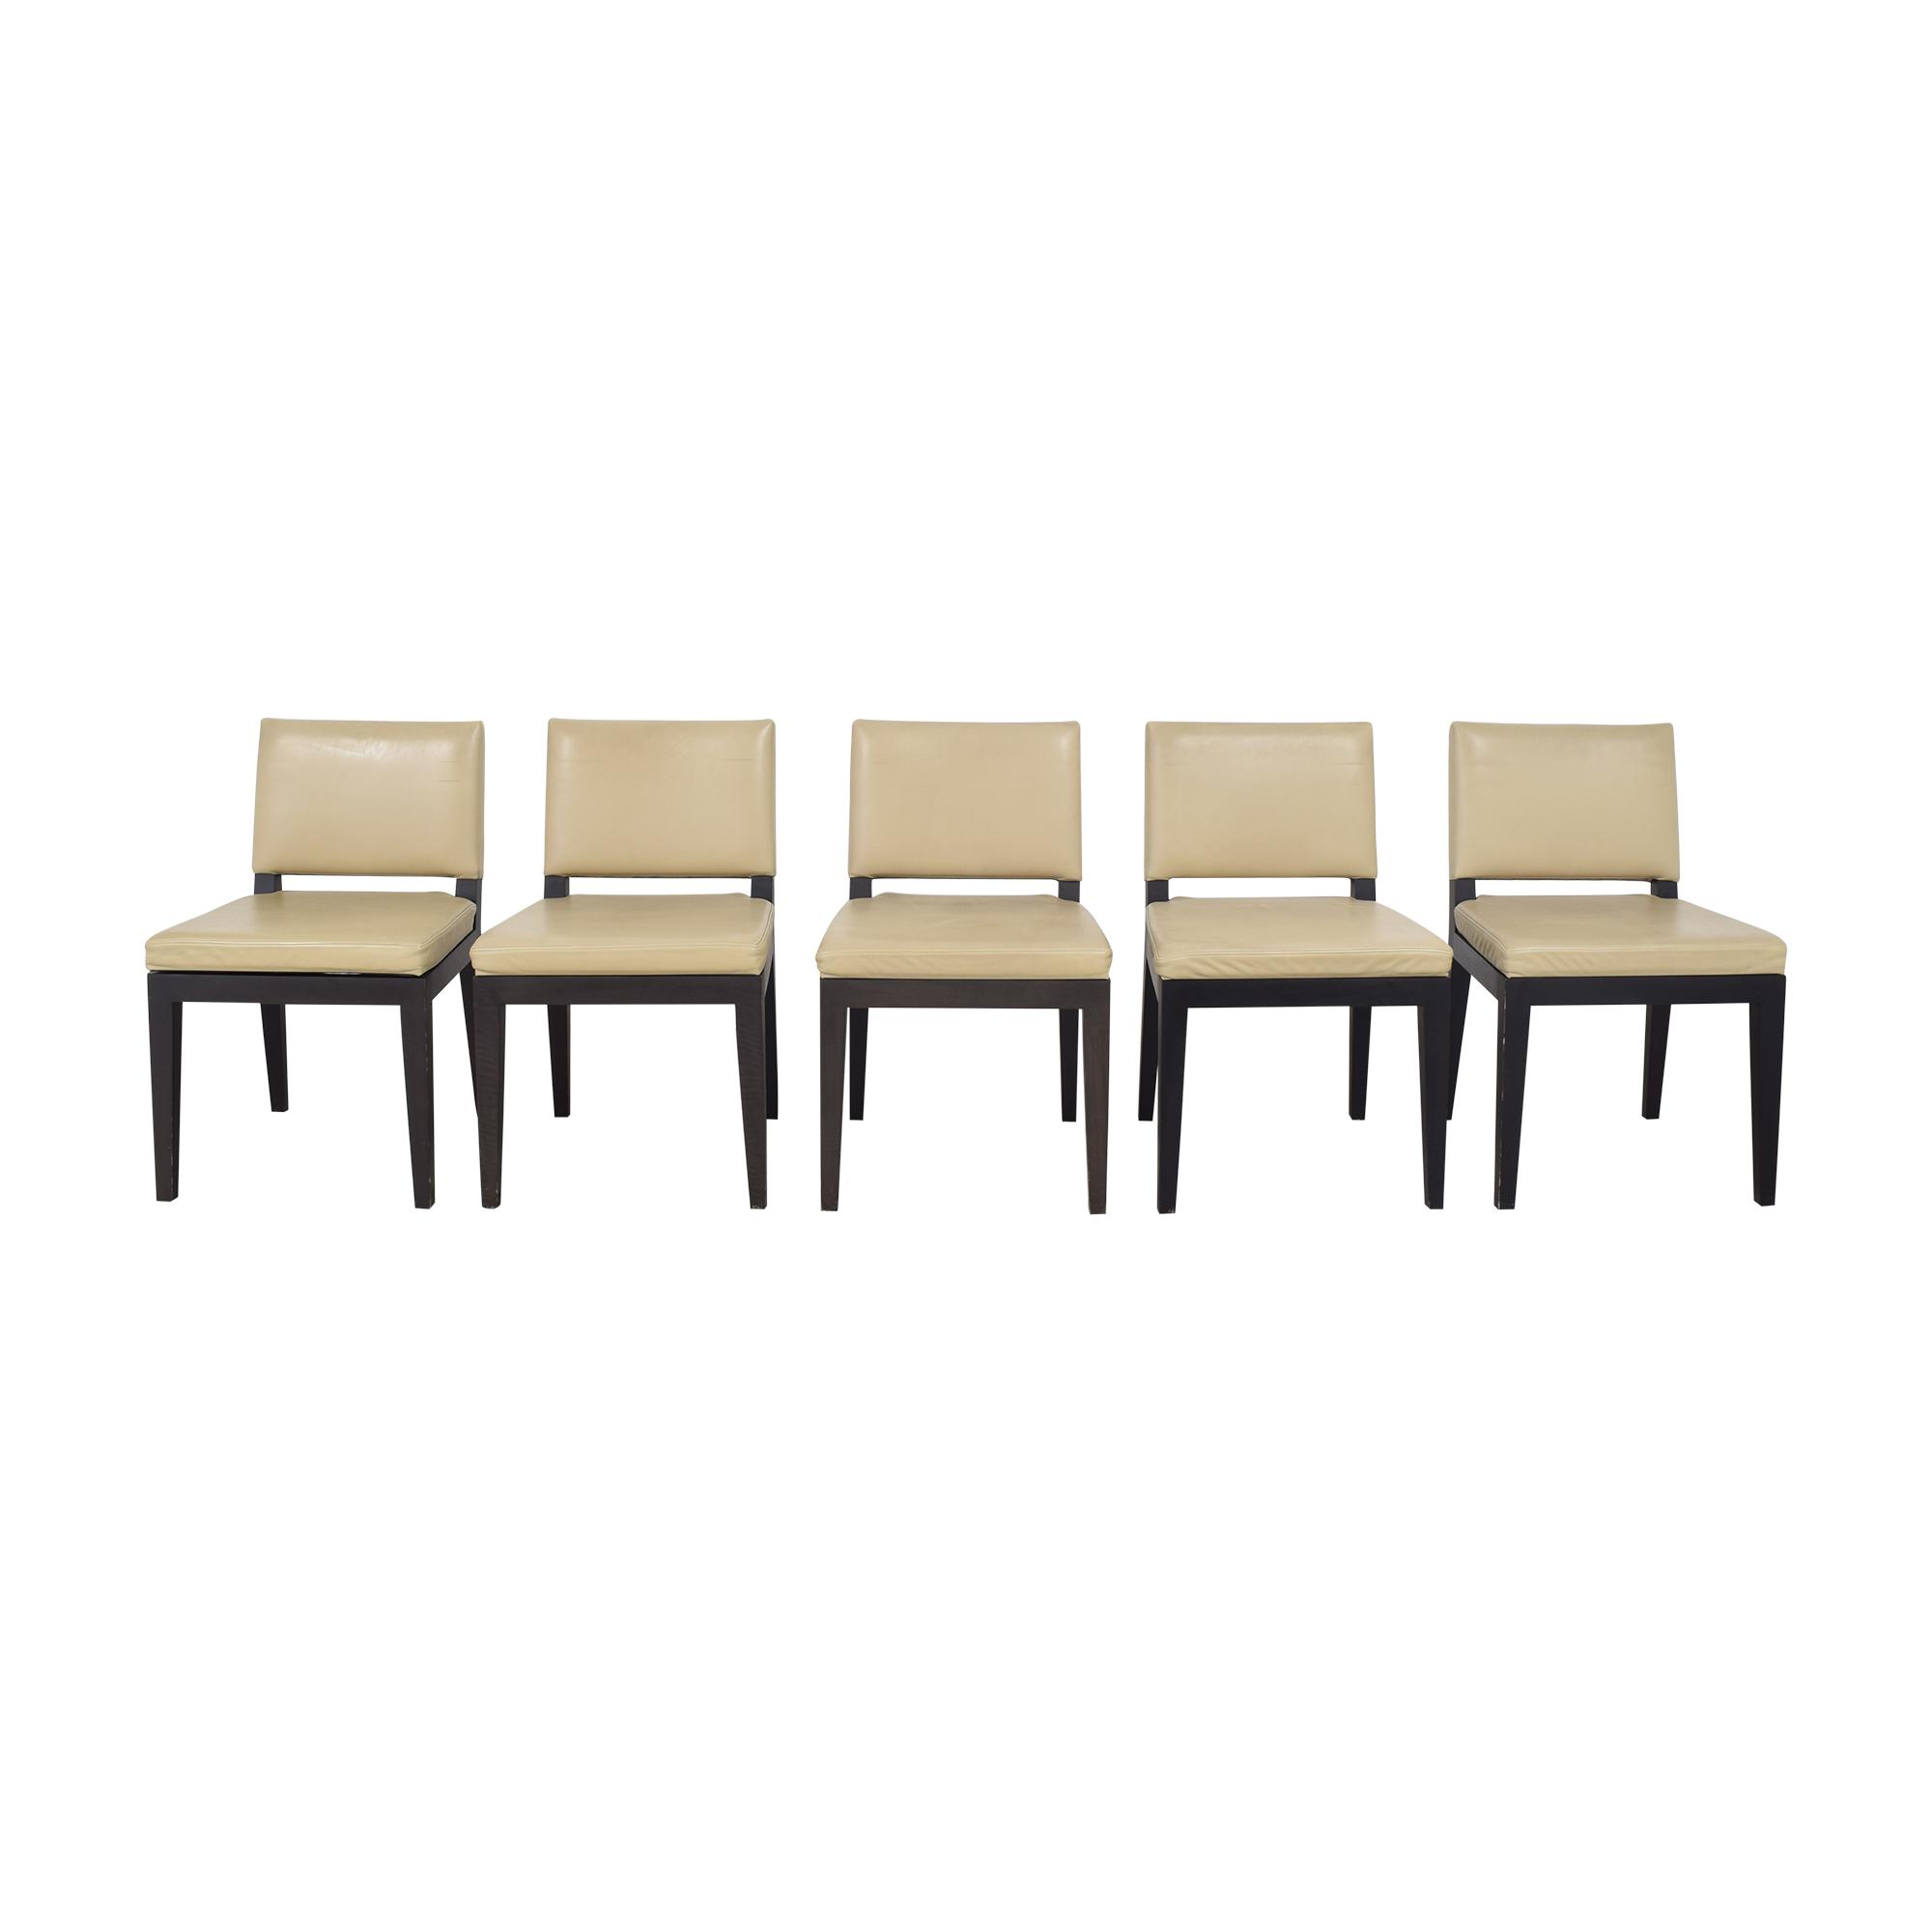 Desiron Desiron Turner Dining Chairs nj